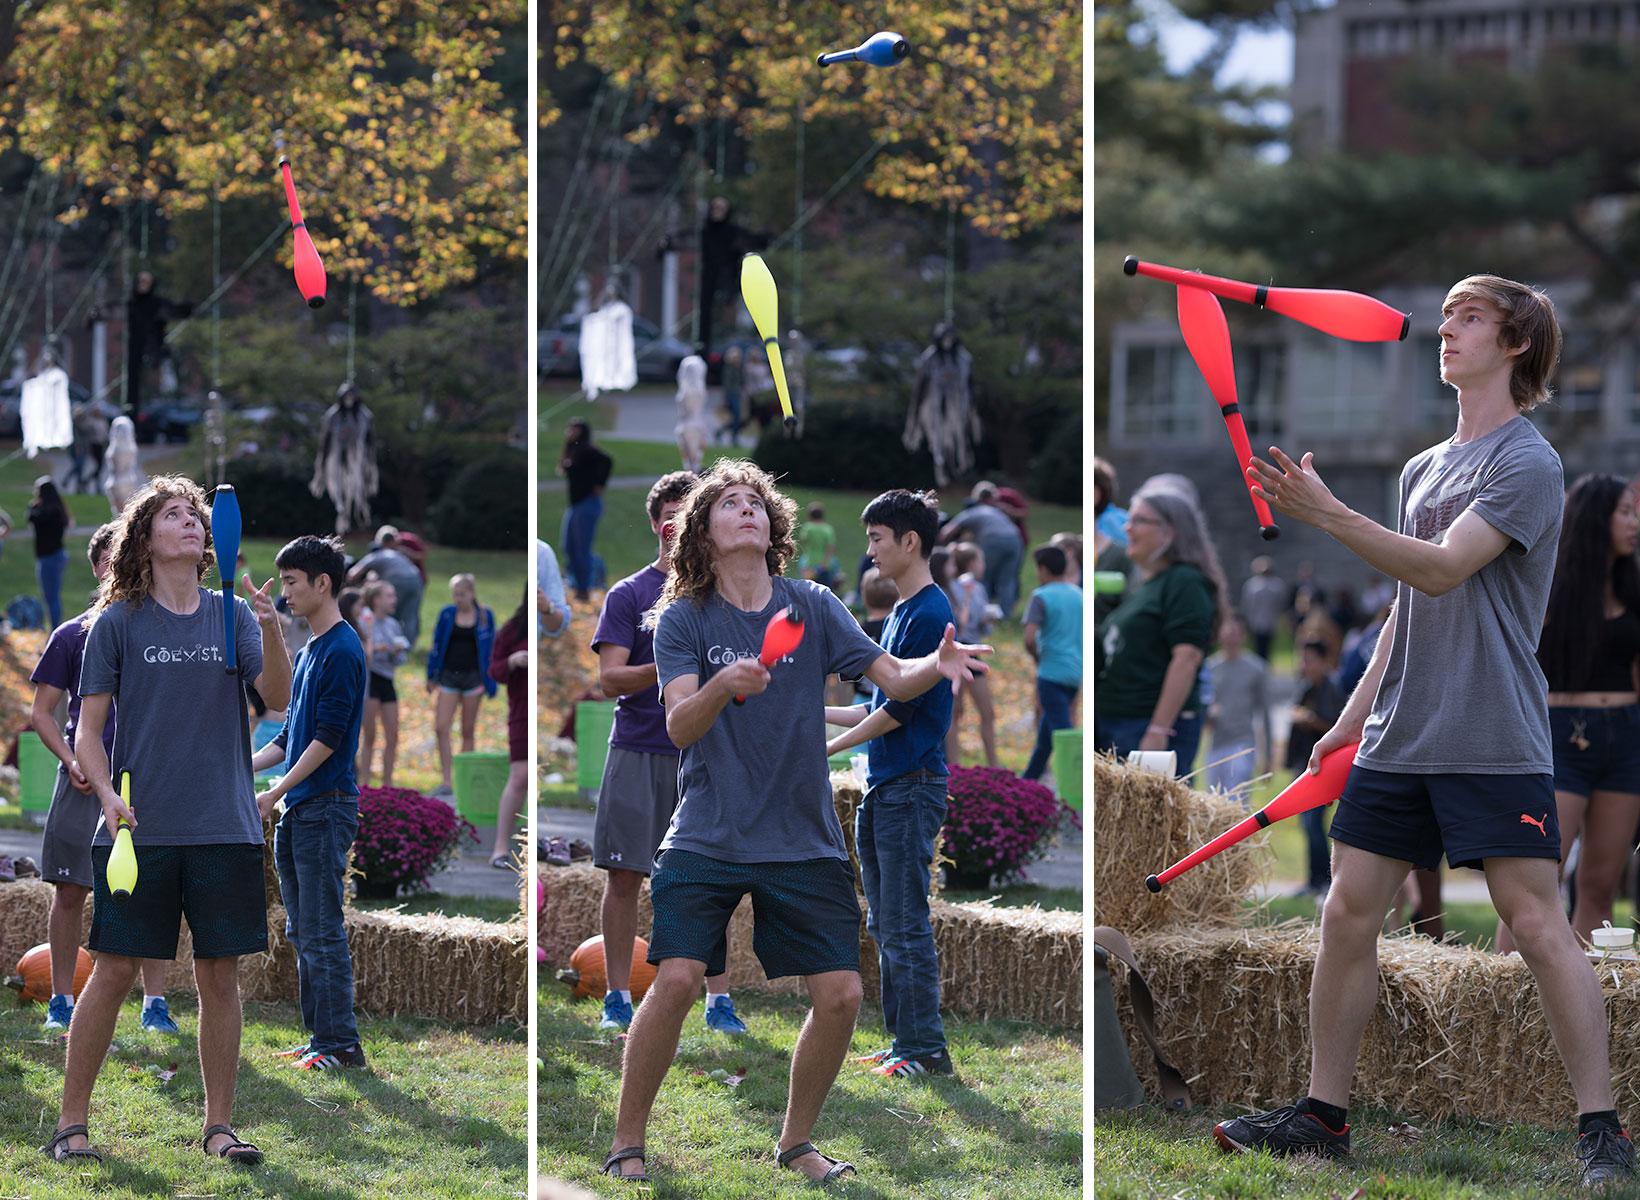 Jugglers at Fall Festival.